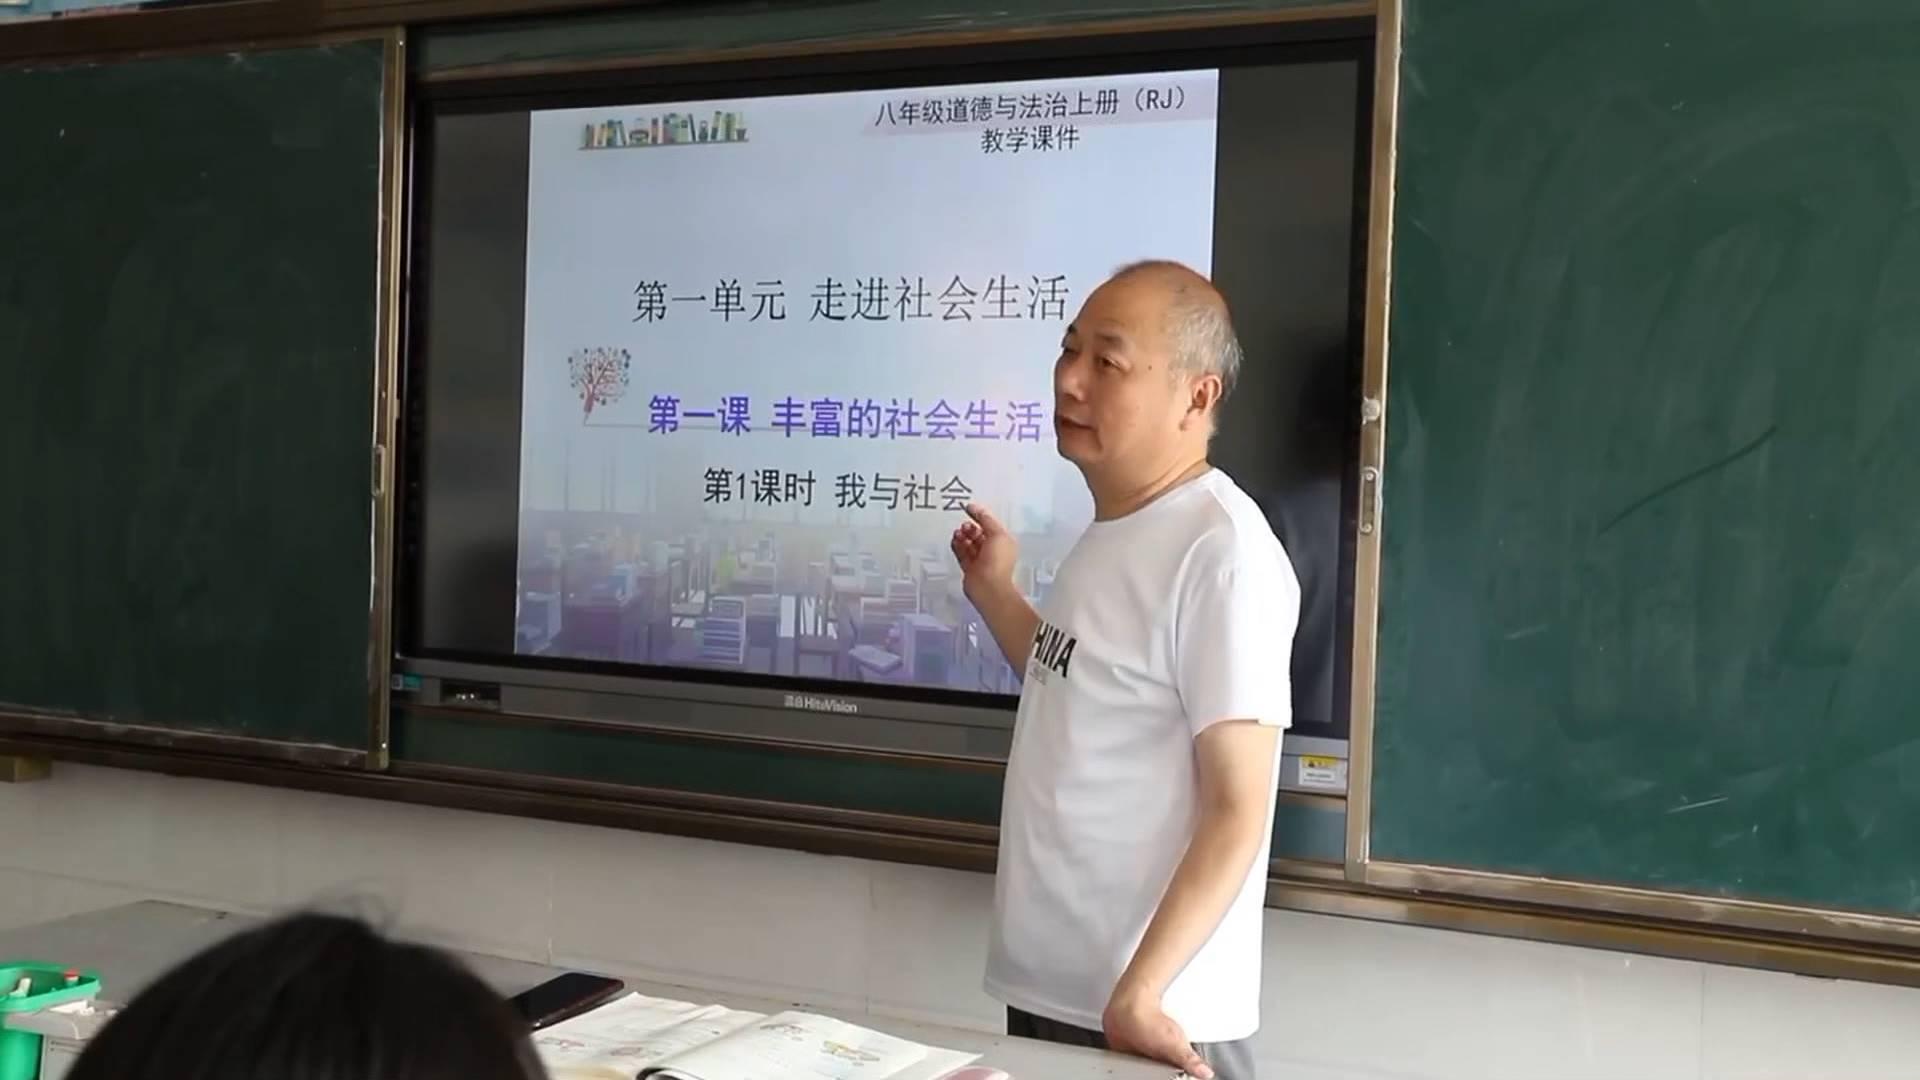 60秒丨57岁乡村老师自幼患有小儿麻痹 教书36年坚持站着上课